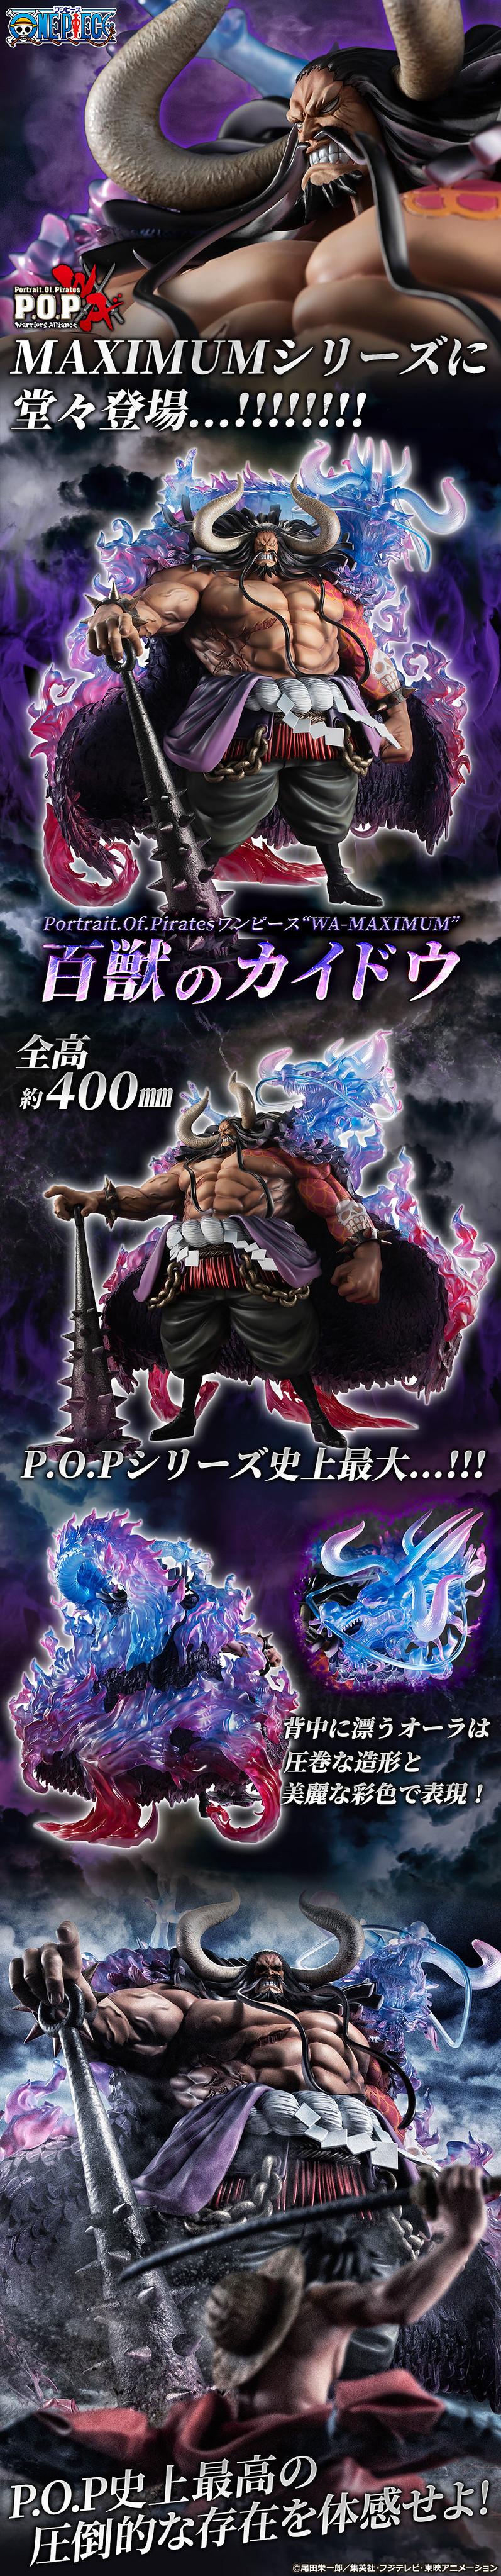 """系列史上最巨大 40 公分!Portrait.Of.Pirates《ONE PIECE》 """"WA-MAXIMUM"""" 百獸海道(百獣のカイドウ)"""